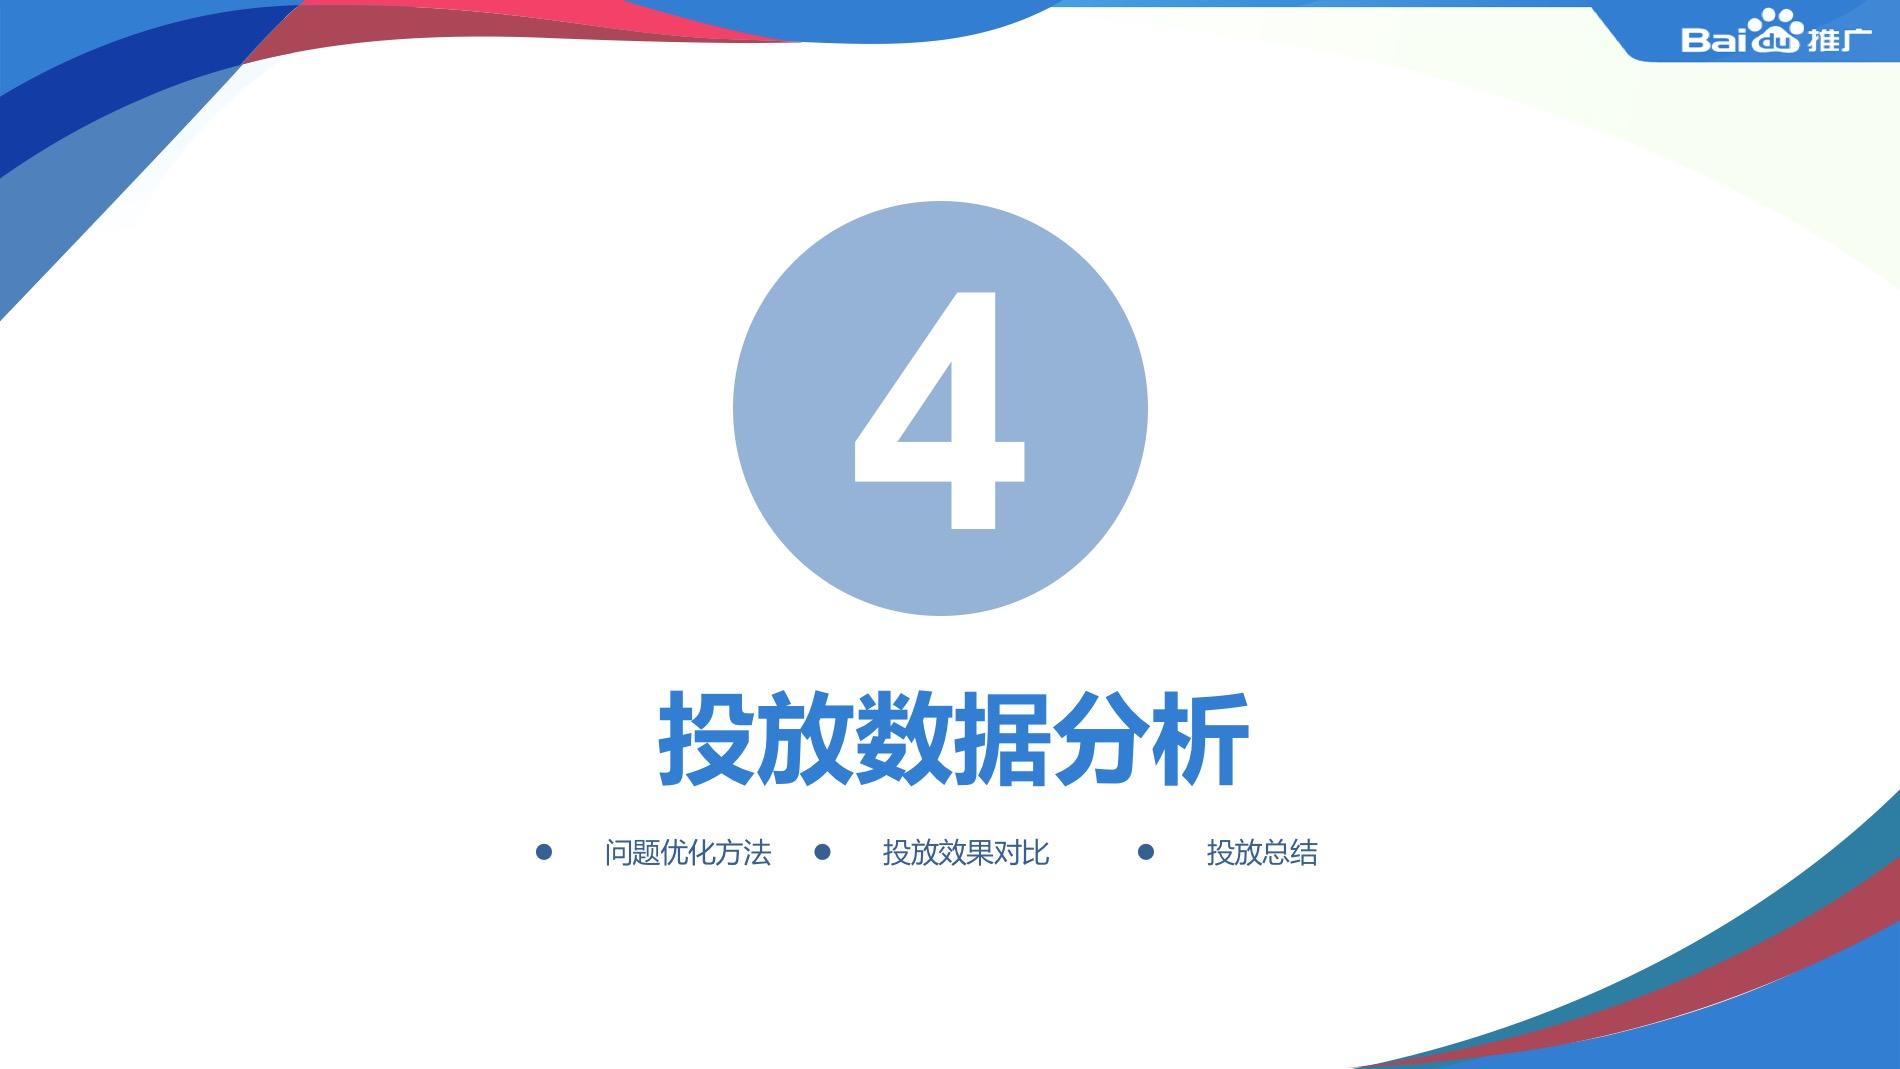 广分-软件游戏-广州合协软件-835632.jpg